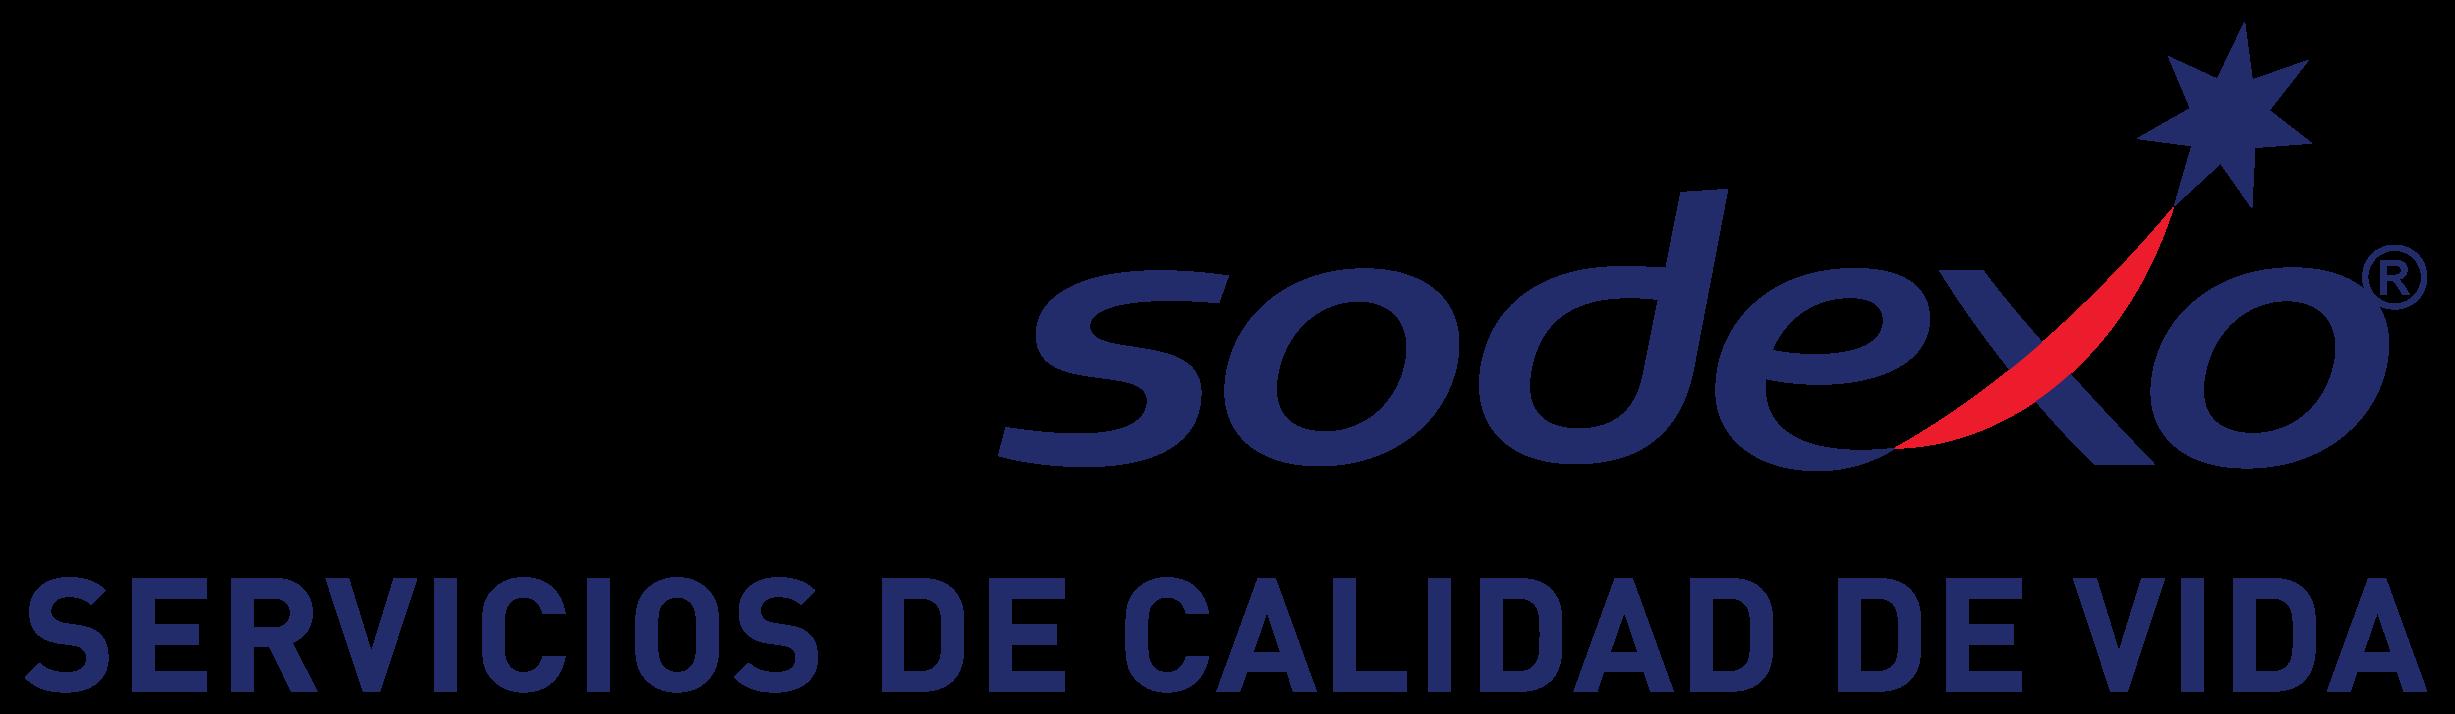 LOGO-SODEXO GRANDE